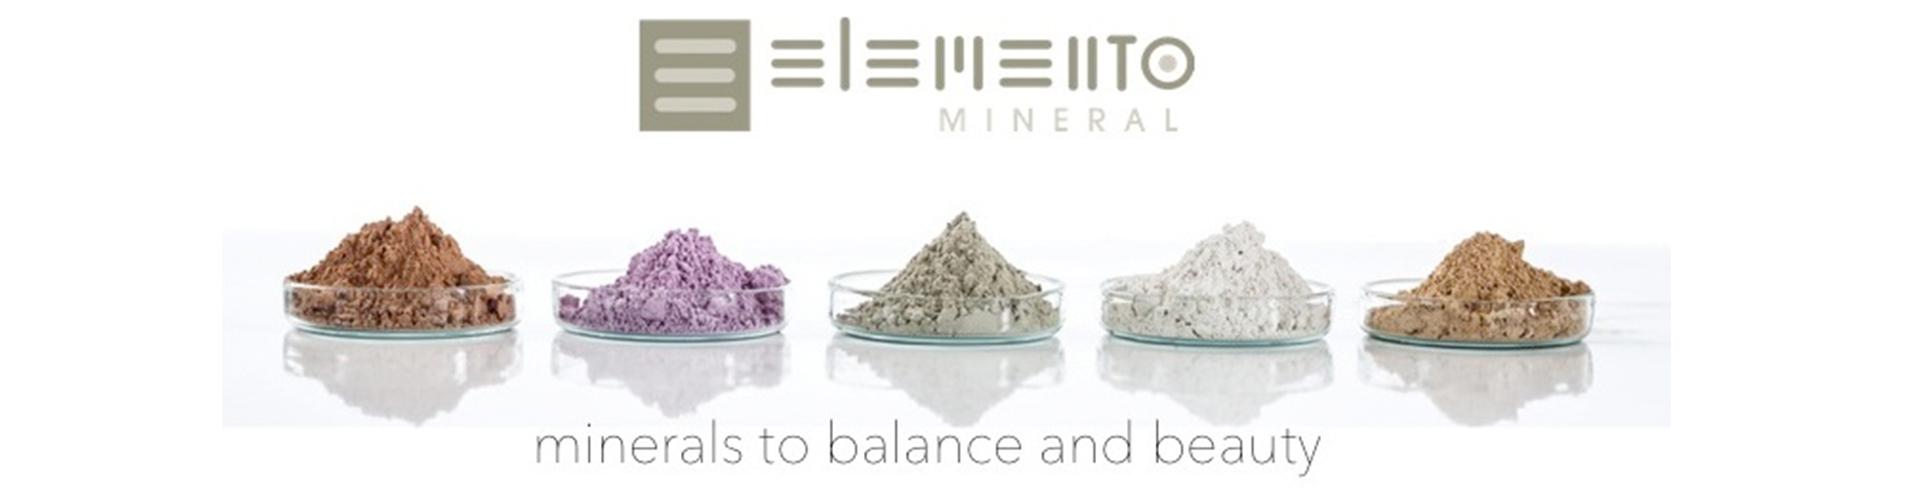 emento mineral 2018